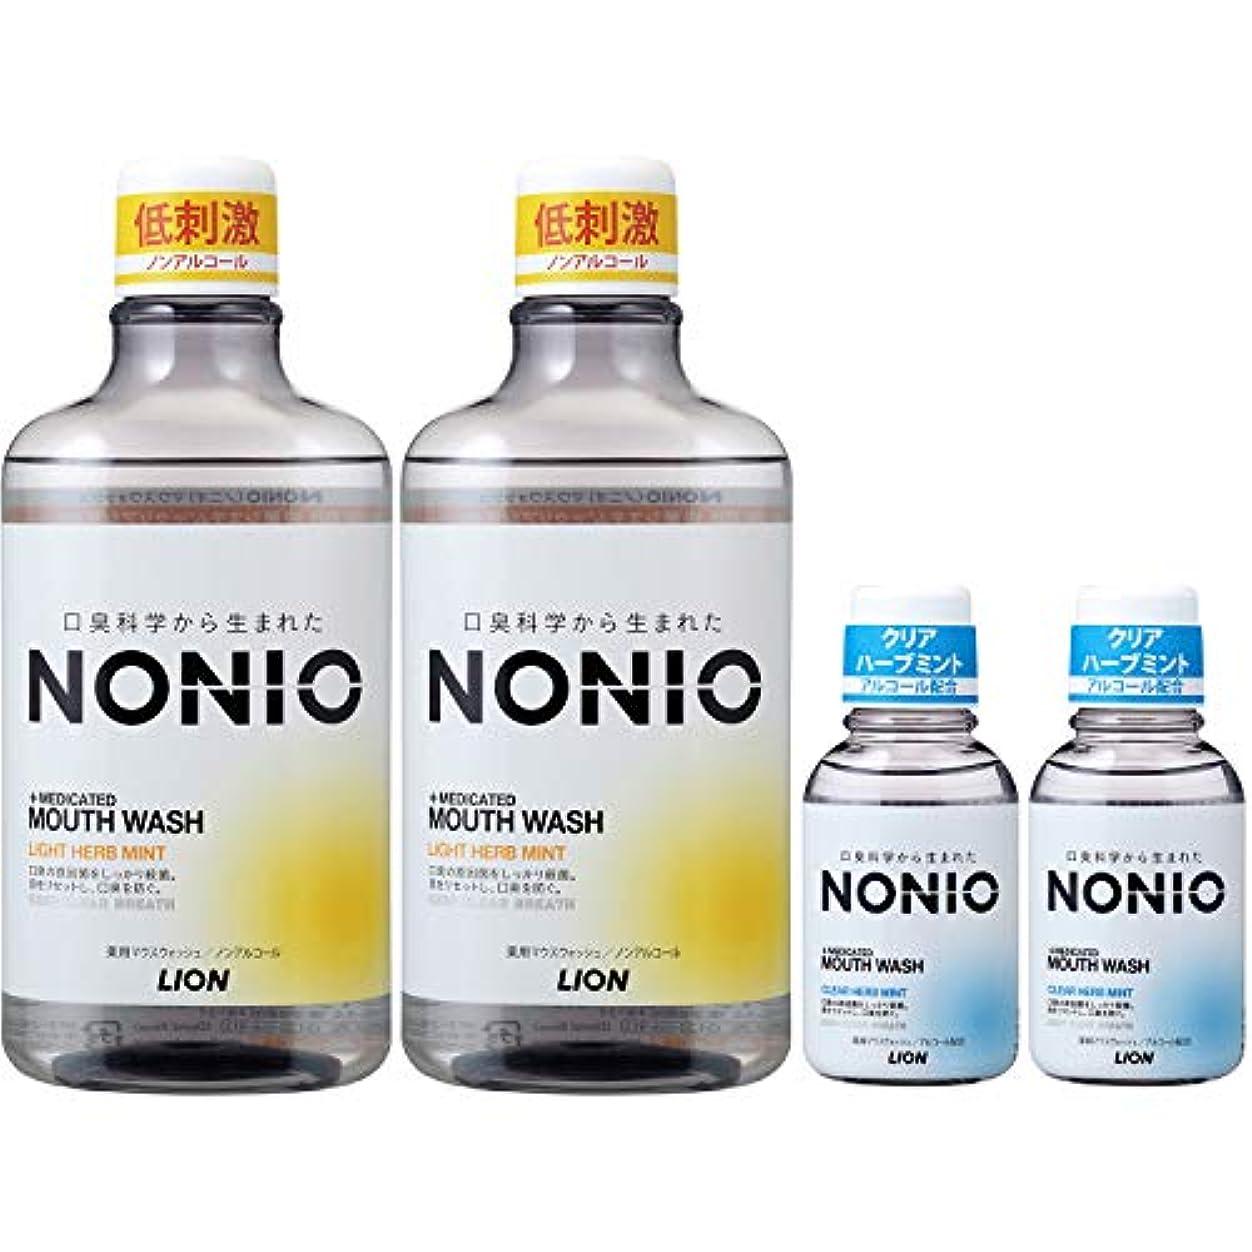 自動的に第四エピソード【Amazon.co.jp限定】 NONIO(ノニオ) [医薬部外品]NONIO マウスウォッシュ ノンアルコール ライトハーブミント 600ml×2個 洗口液+ミニリンス80ml×2個 600ml×2+ミニリンス